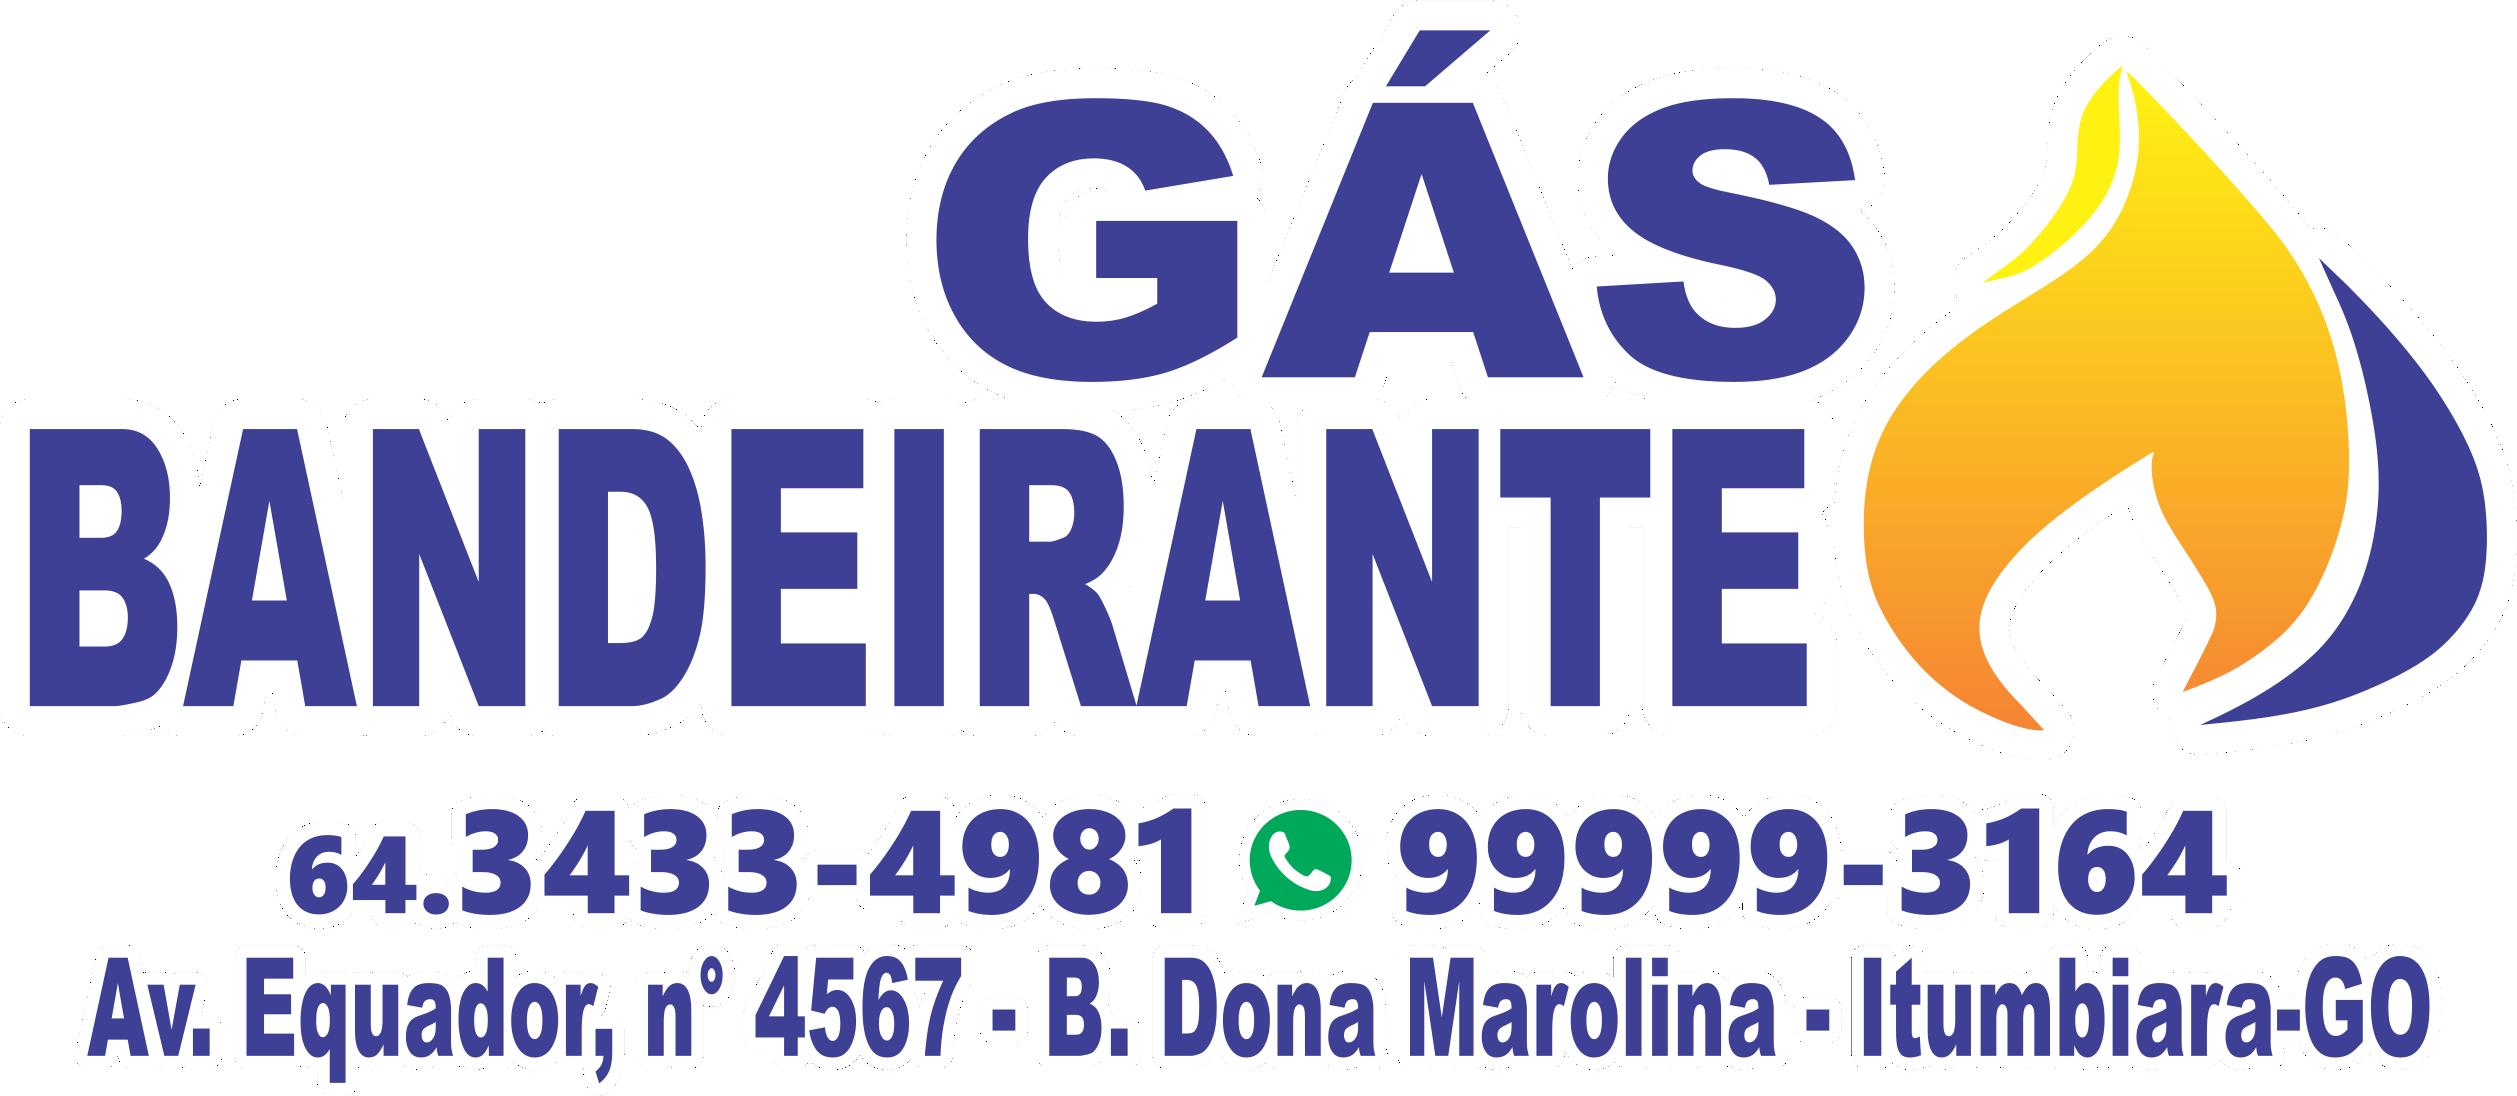 Gás Bandeirante